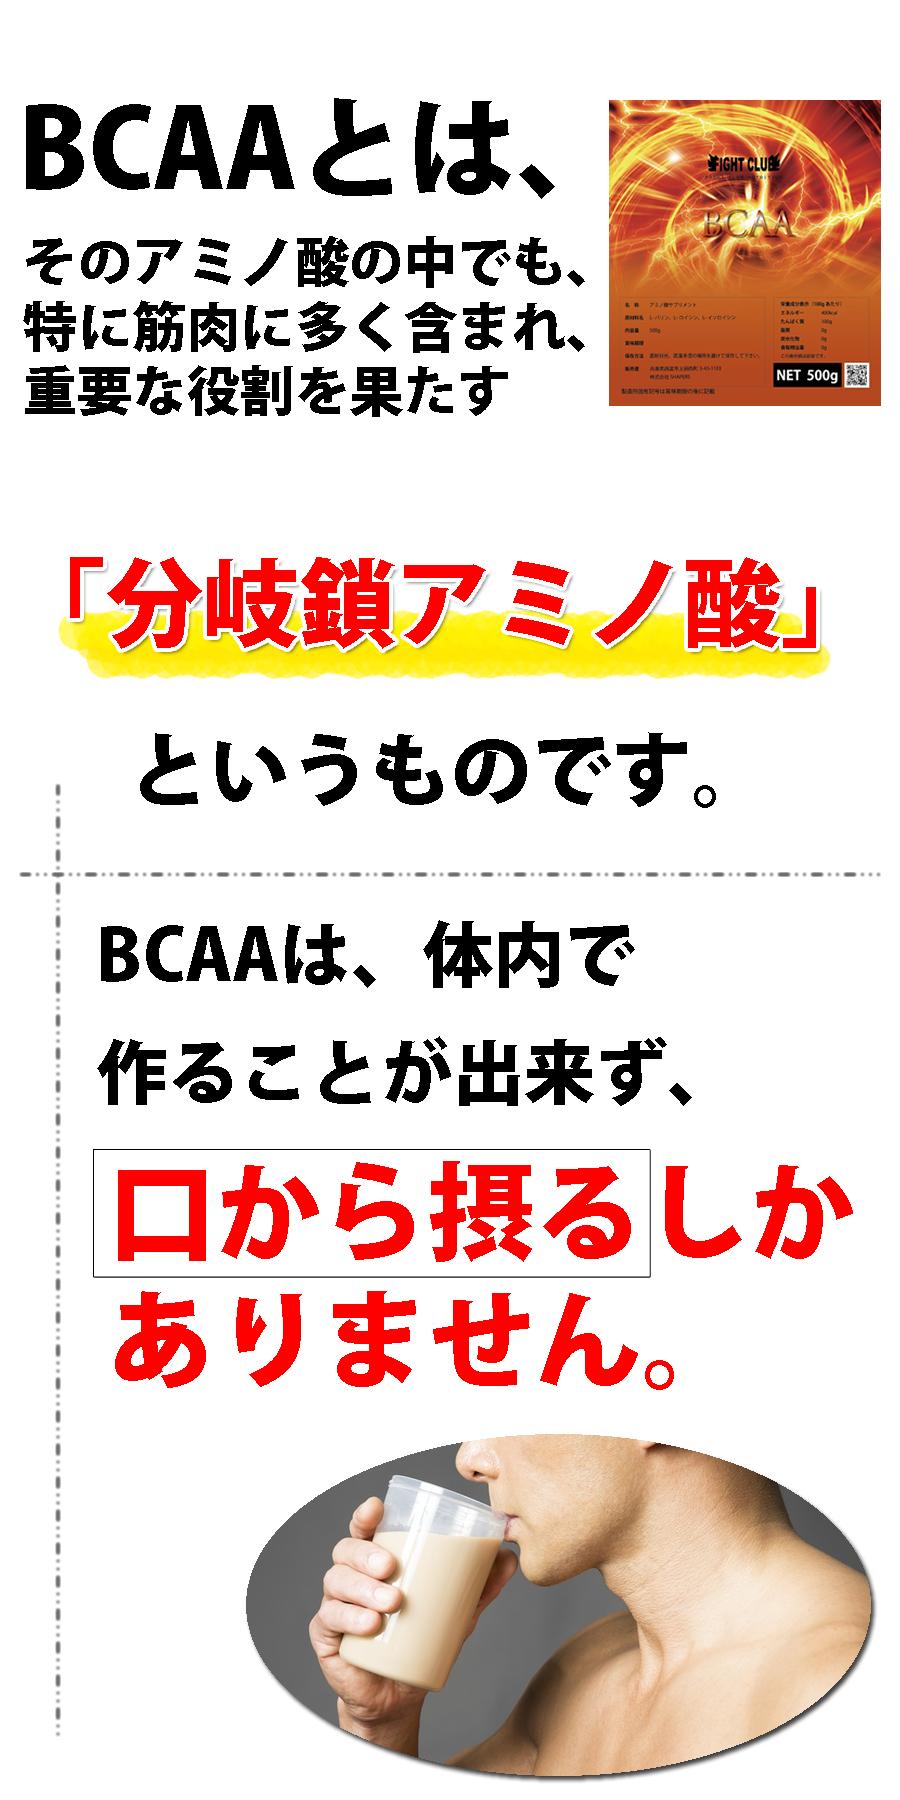 BCAA説明8